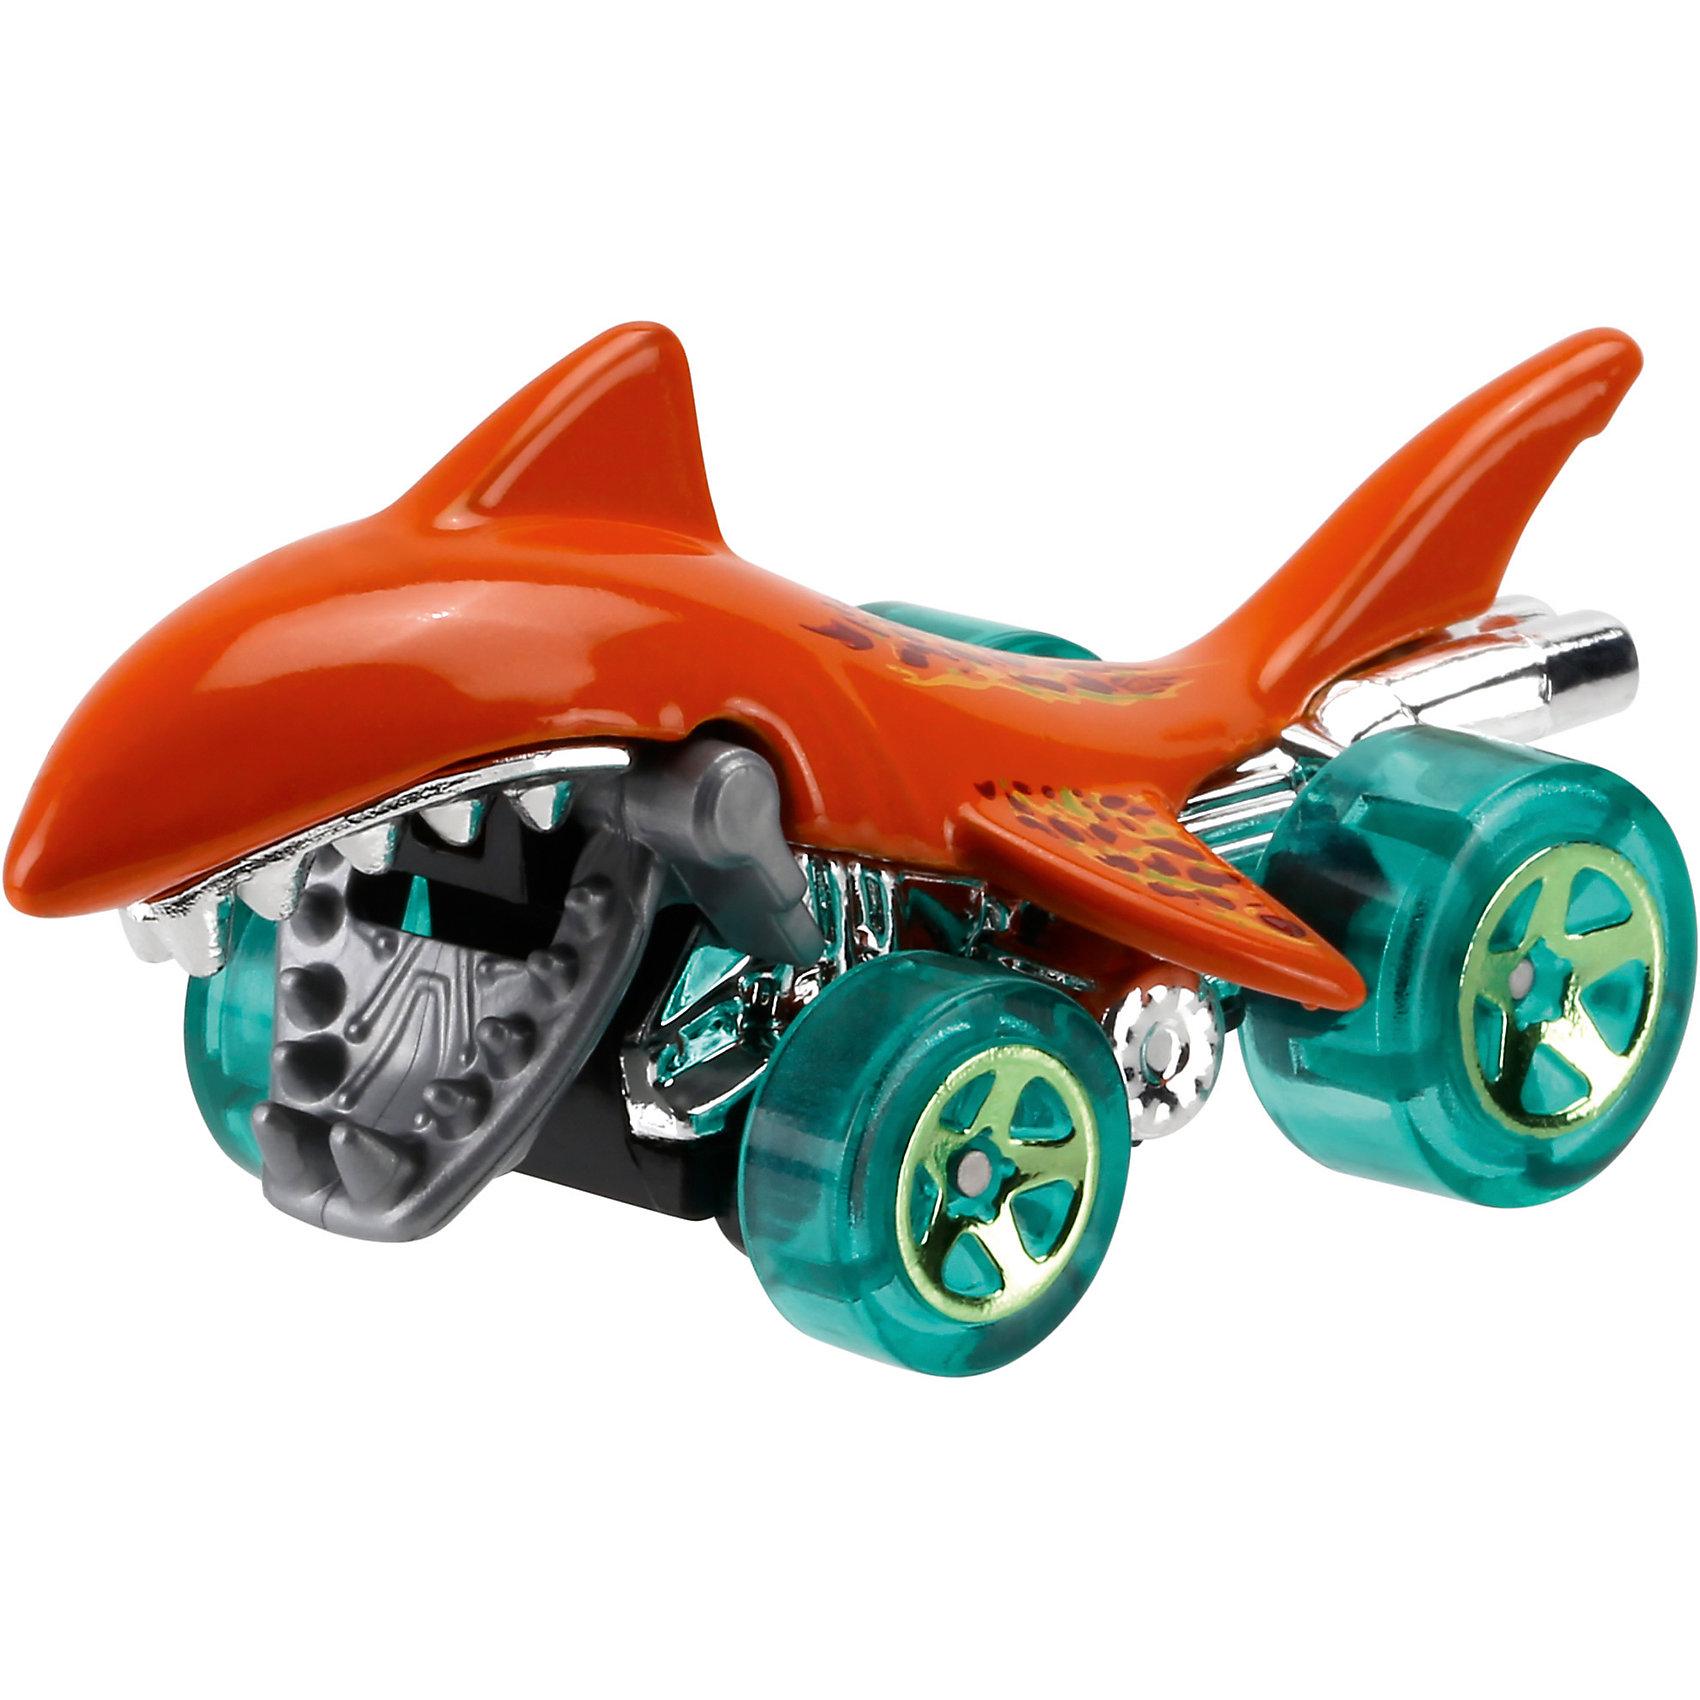 Машинка Hot Wheels из базовой коллекцииМашинка Hot Wheels из базовой коллекции – высококачественная масштабная модель машины, имеющая неординарный, радикальный дизайн. <br><br>В упаковке 1 машинка,  машинки тематически обусловлены от фантазийных, спасательных до экстремальных и просто скоростных машин. <br><br>Соберите свою коллекцию машинок Hot Wheels!<br><br>Дополнительная информация: <br><br>Машинка стандартного размера Hot Wheels<br>Размер упаковки: 11 х 10,5 х 3,5 см<br><br>Ширина мм: 110<br>Глубина мм: 45<br>Высота мм: 110<br>Вес г: 30<br>Возраст от месяцев: 36<br>Возраст до месяцев: 96<br>Пол: Мужской<br>Возраст: Детский<br>SKU: 4901821